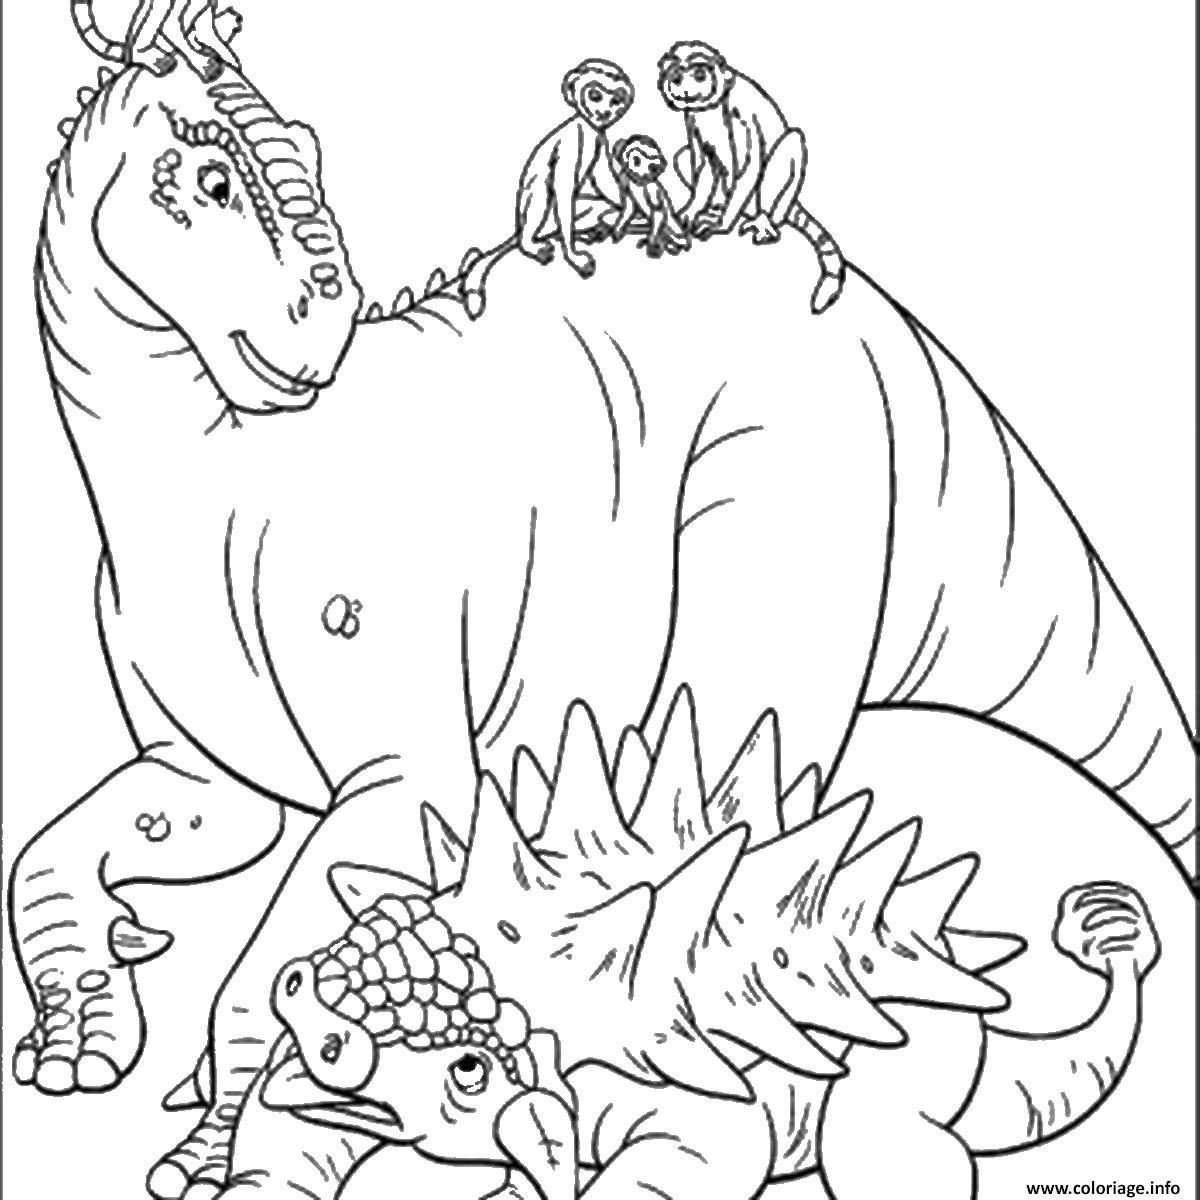 Coloriage jurassic park 37 - Jurassic park gratuit ...